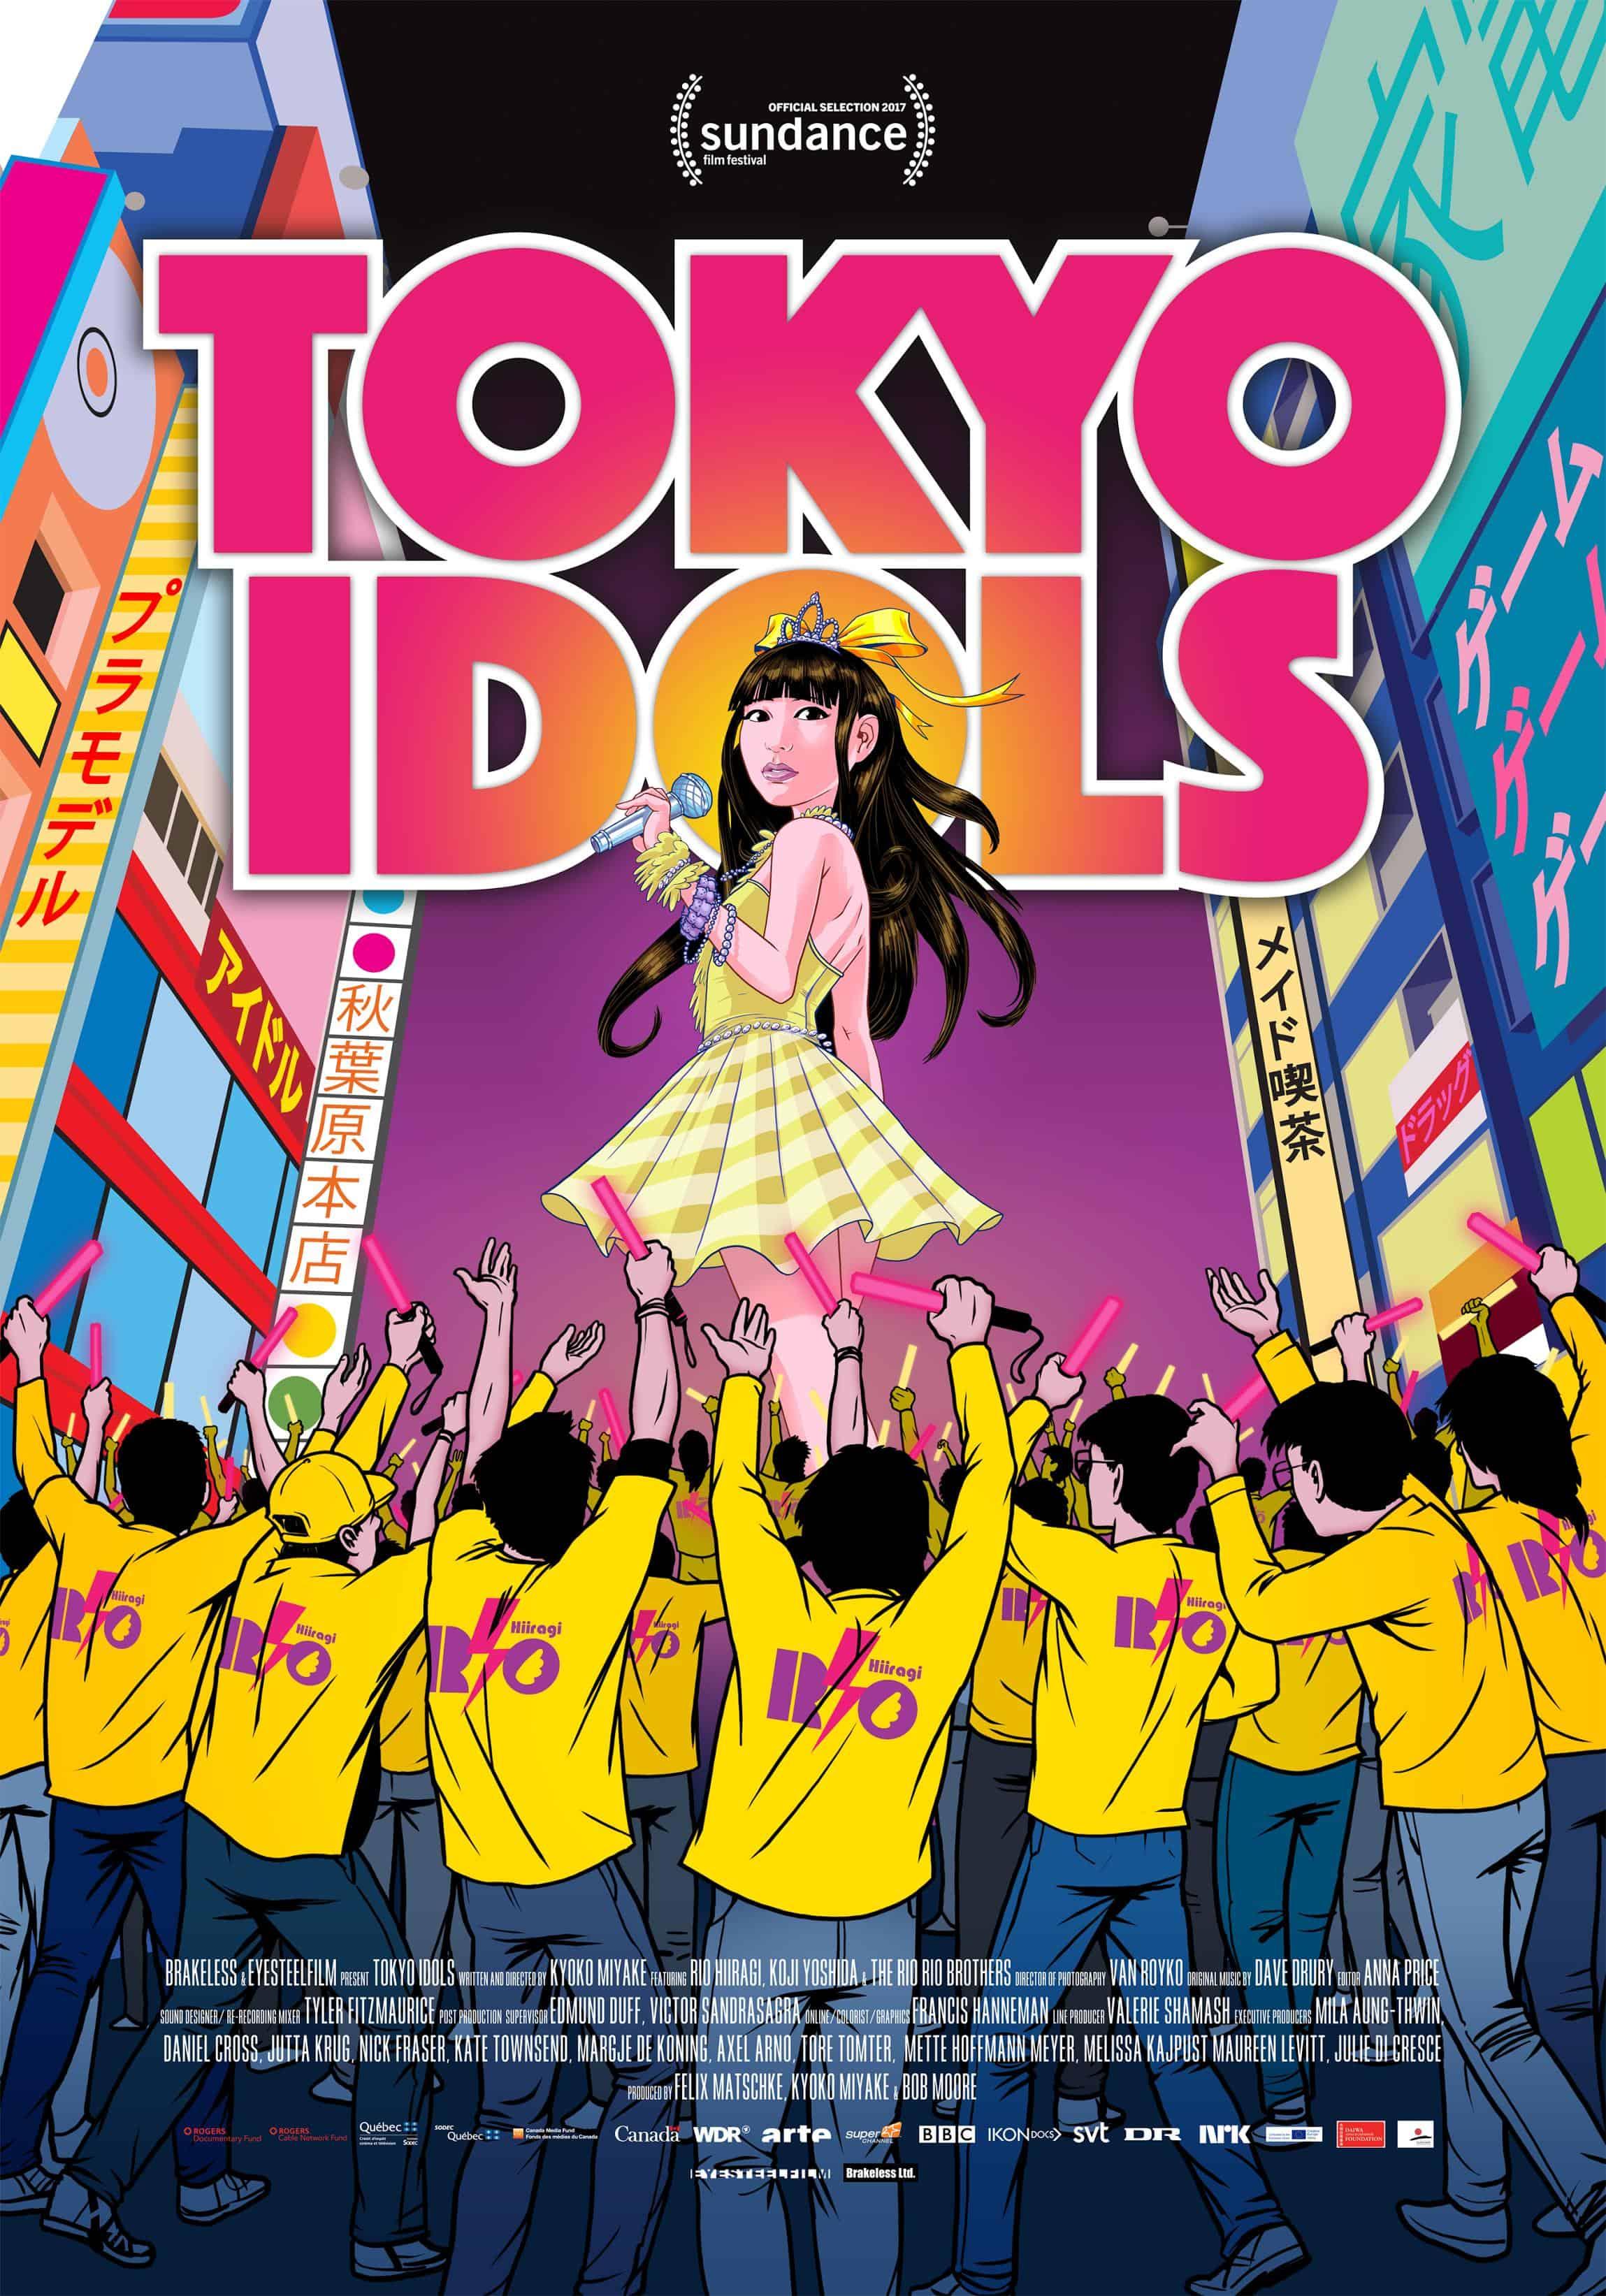 ภาพยนตร์สารคดี Tokyo Idols ของผู้กำกับเคียวโกะ มิยาเกะ (Kyoko Miyake)